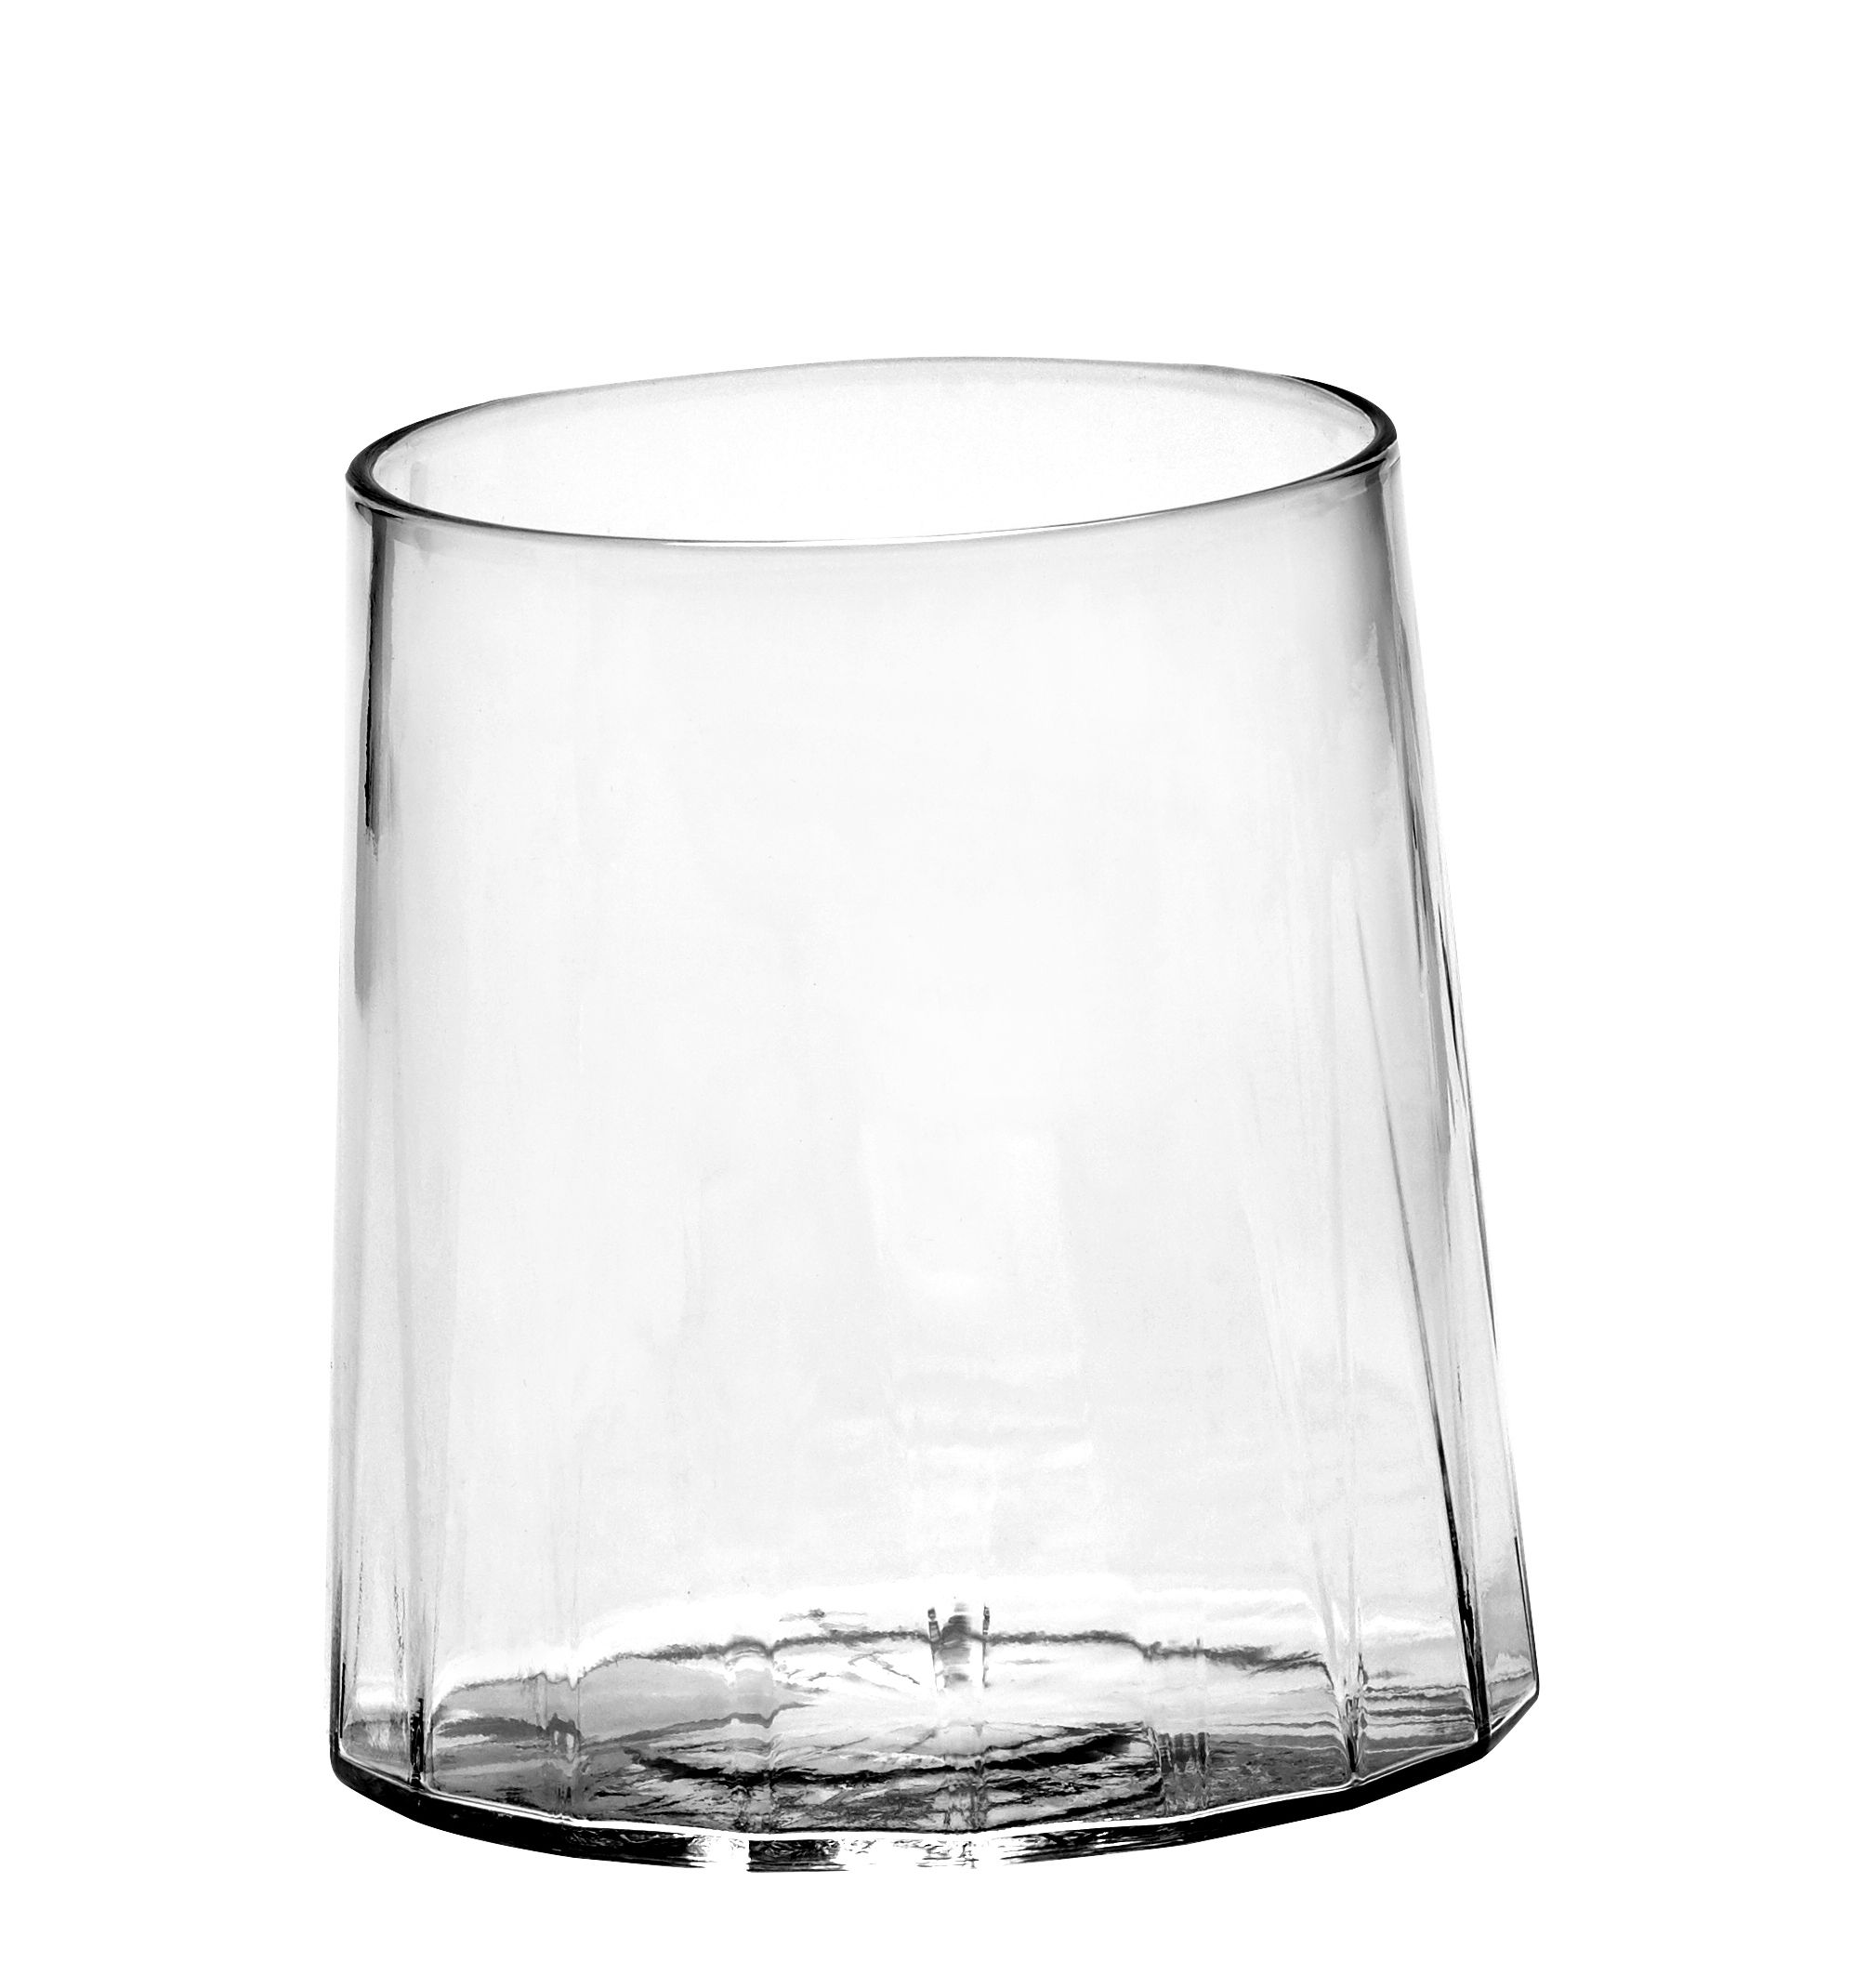 Arts de la table - Verres  - Verre à eau San Pellegrino - Serax - Transparent - Verre